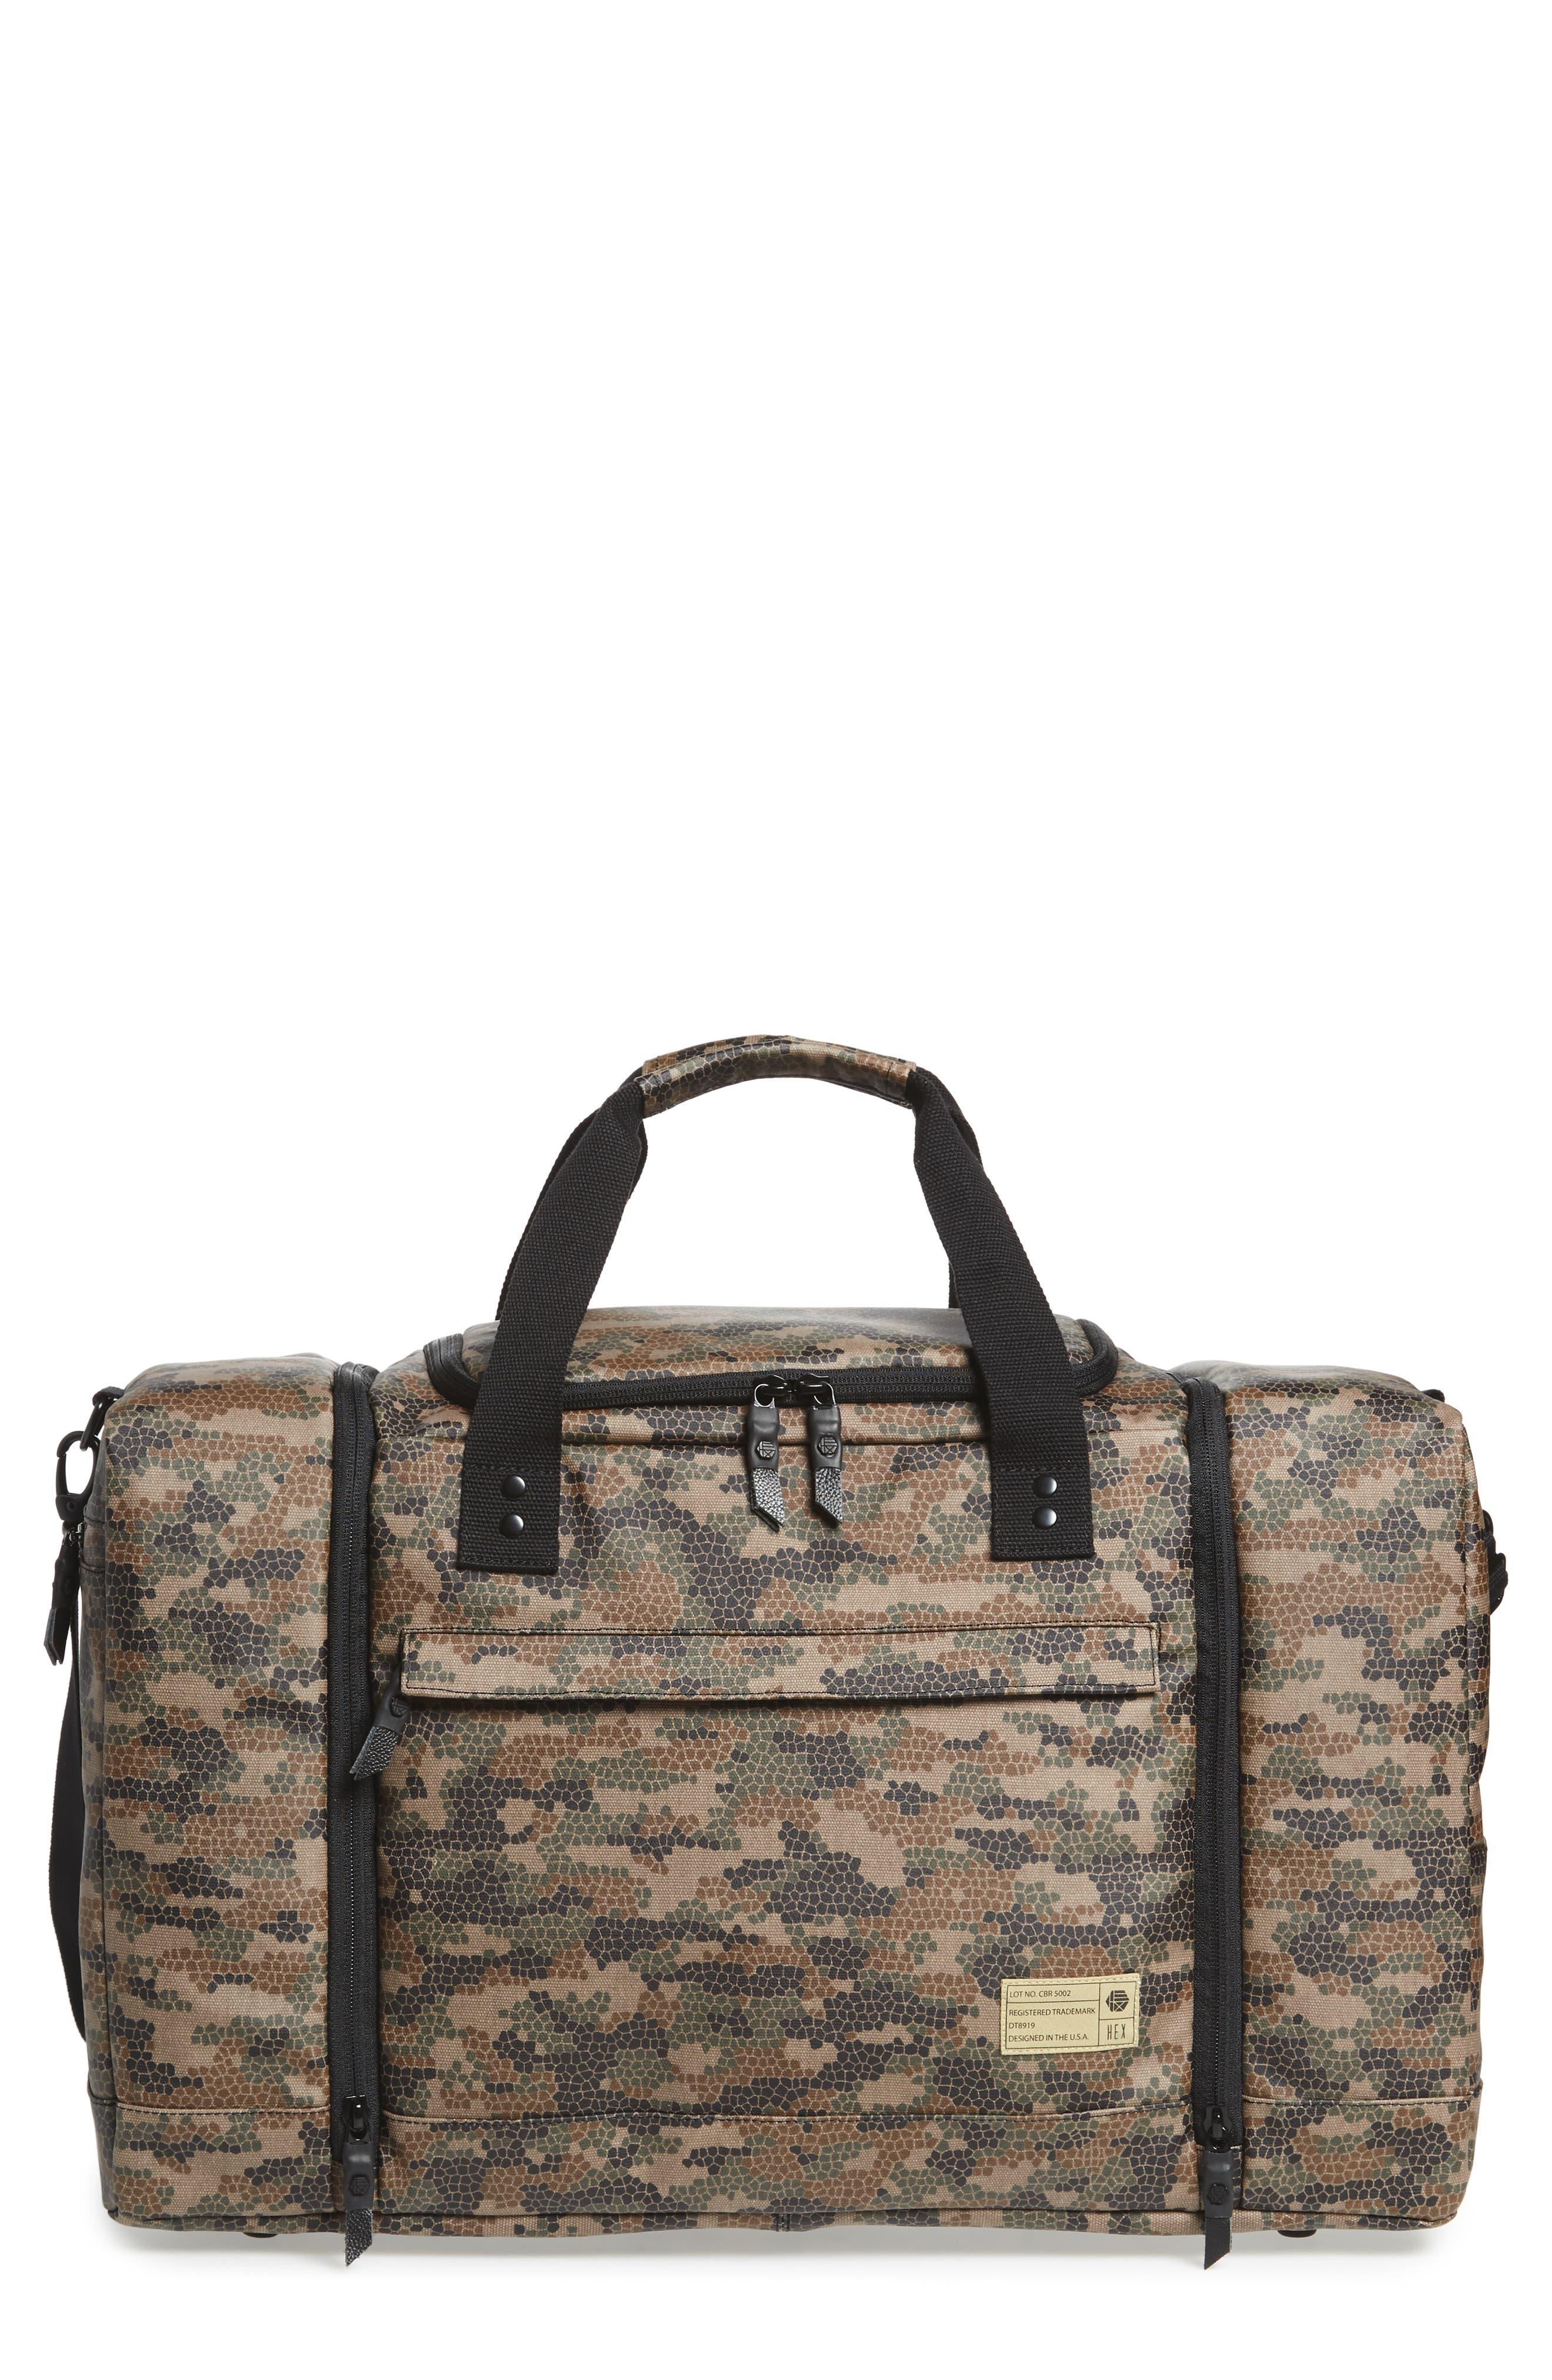 HEX 'Calibre' Sneaker Duffel Bag